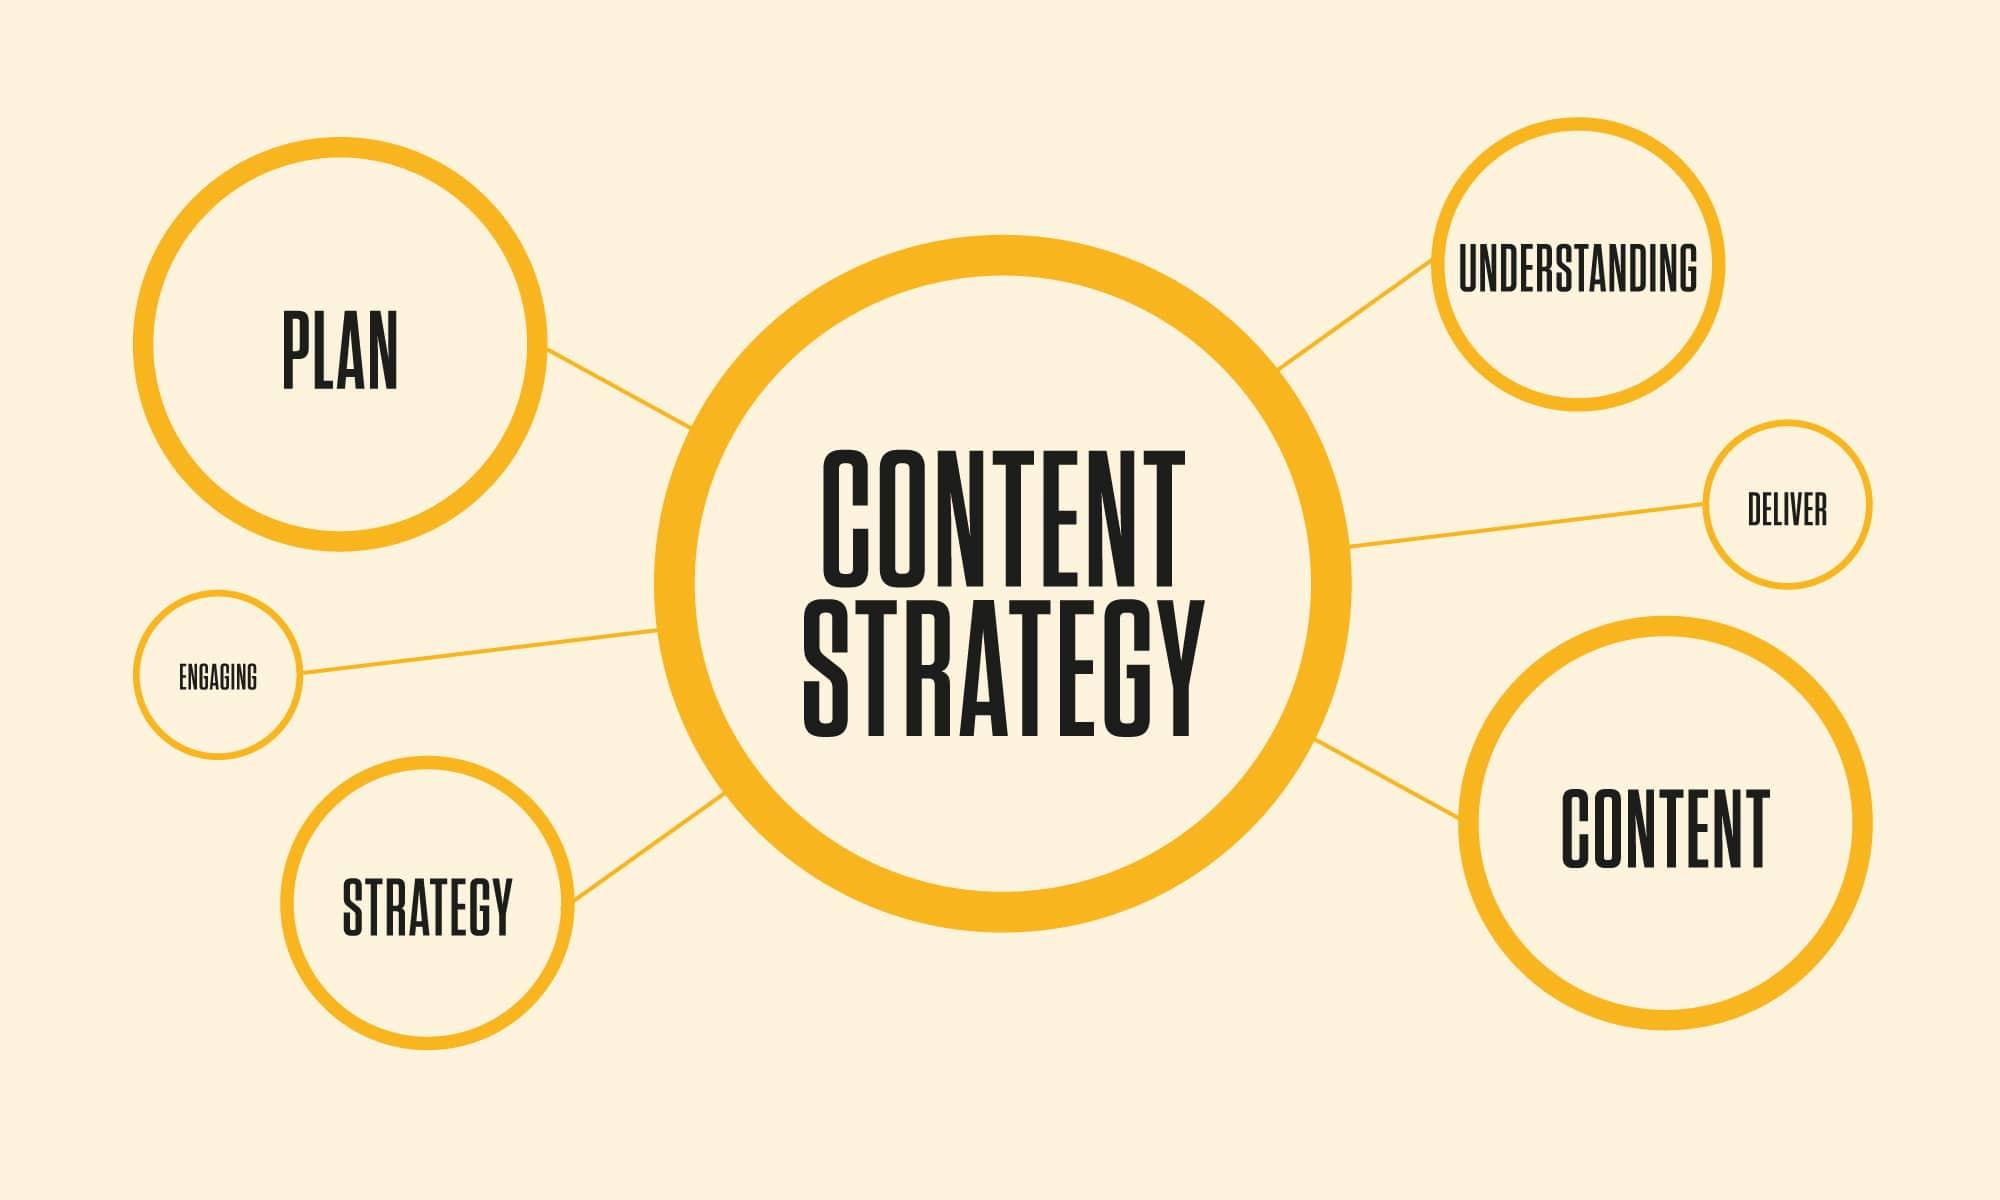 استراتيجيات تسويق المحتوى للأعمال الصغيرة